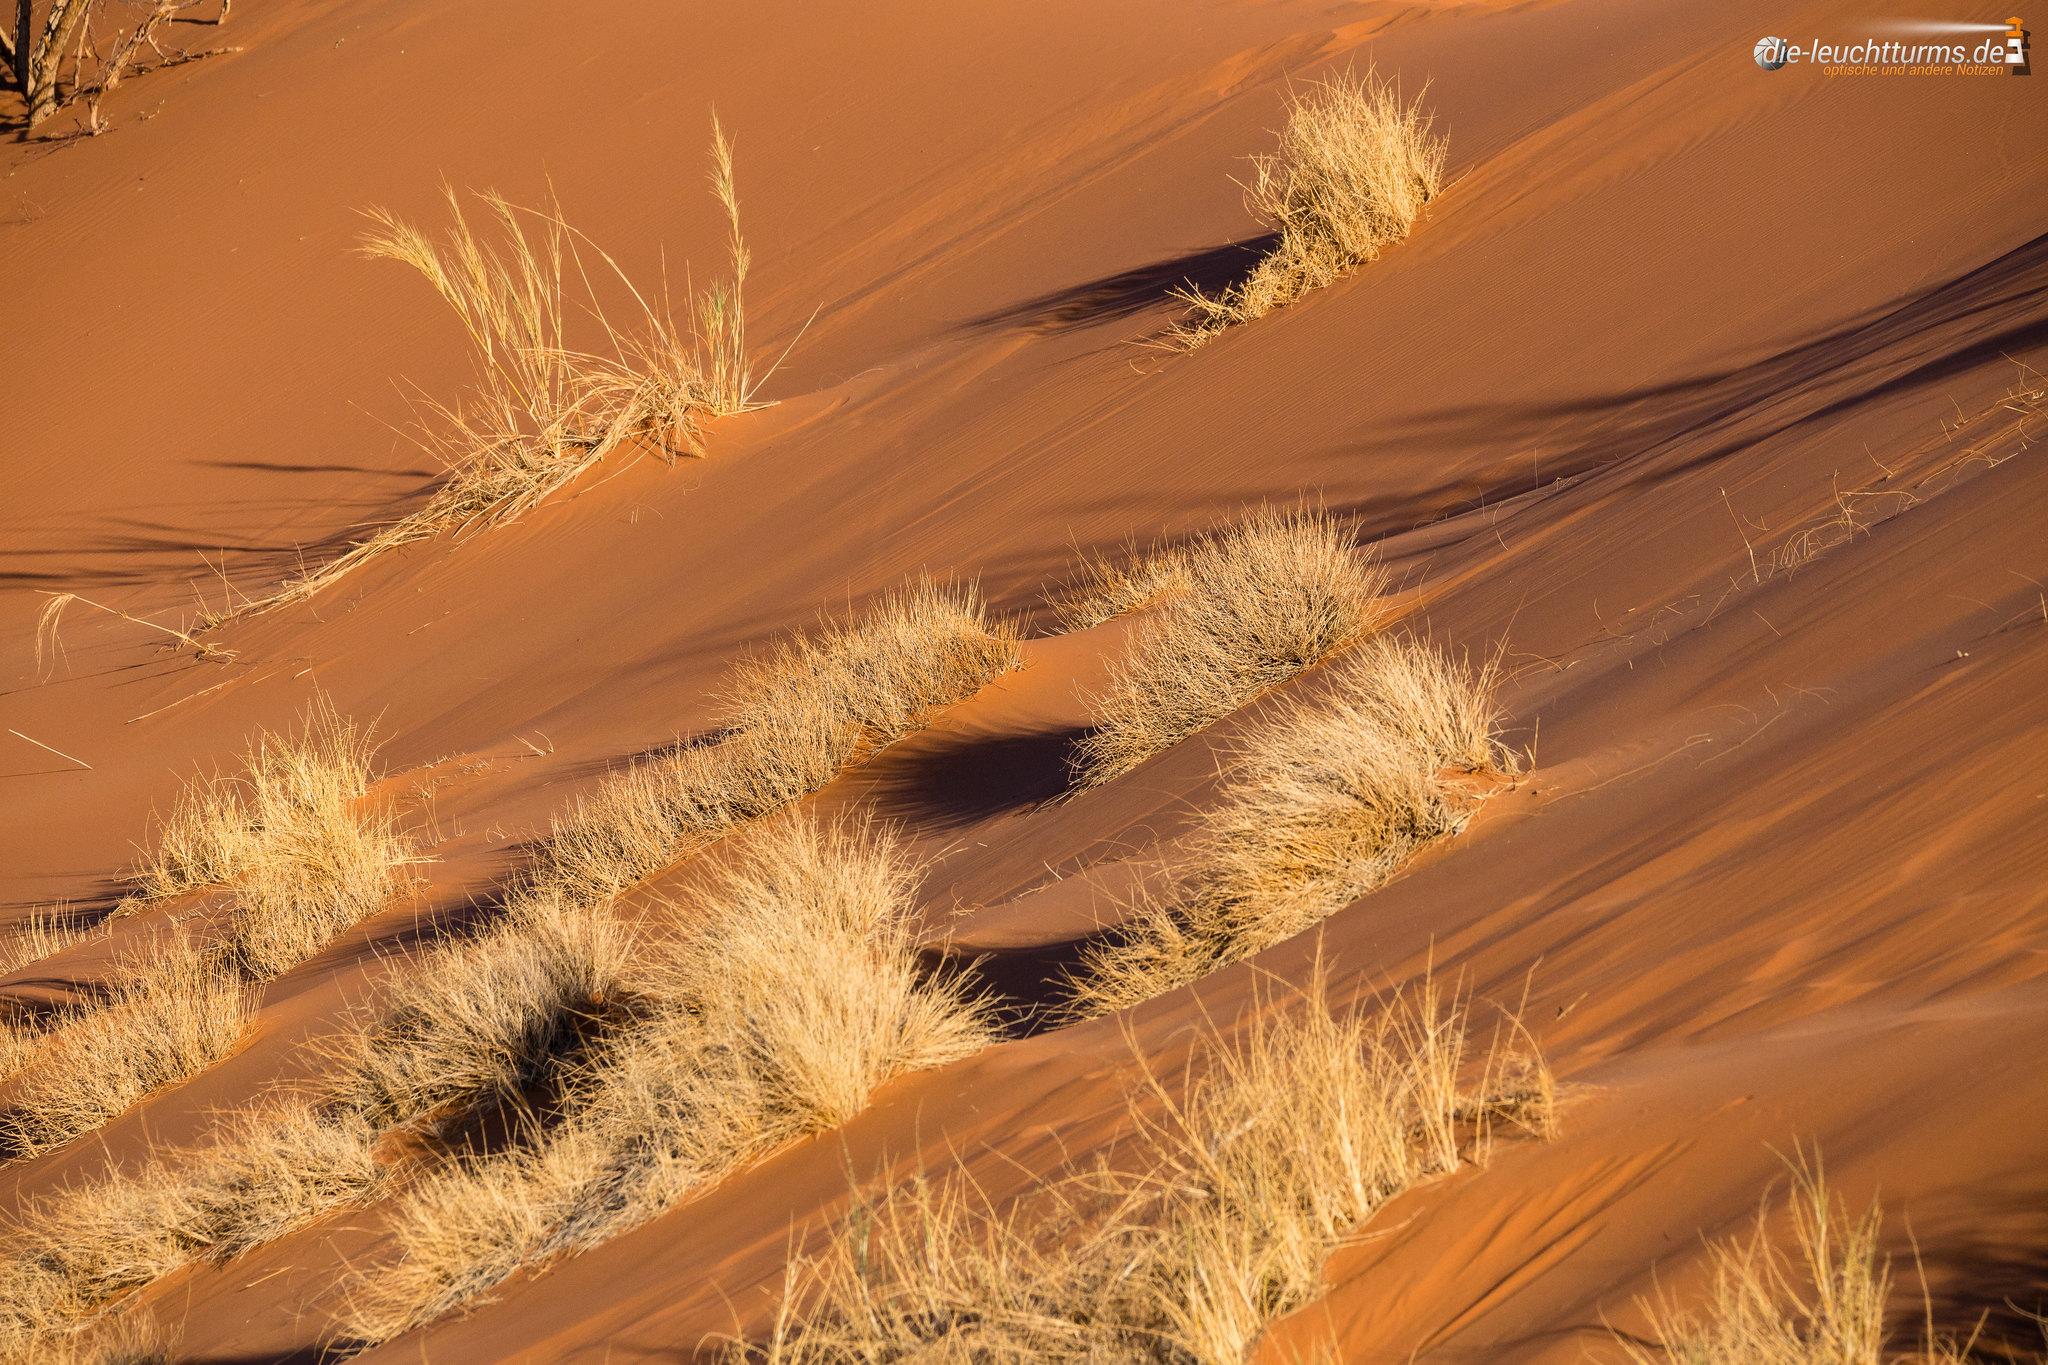 Dune sedge